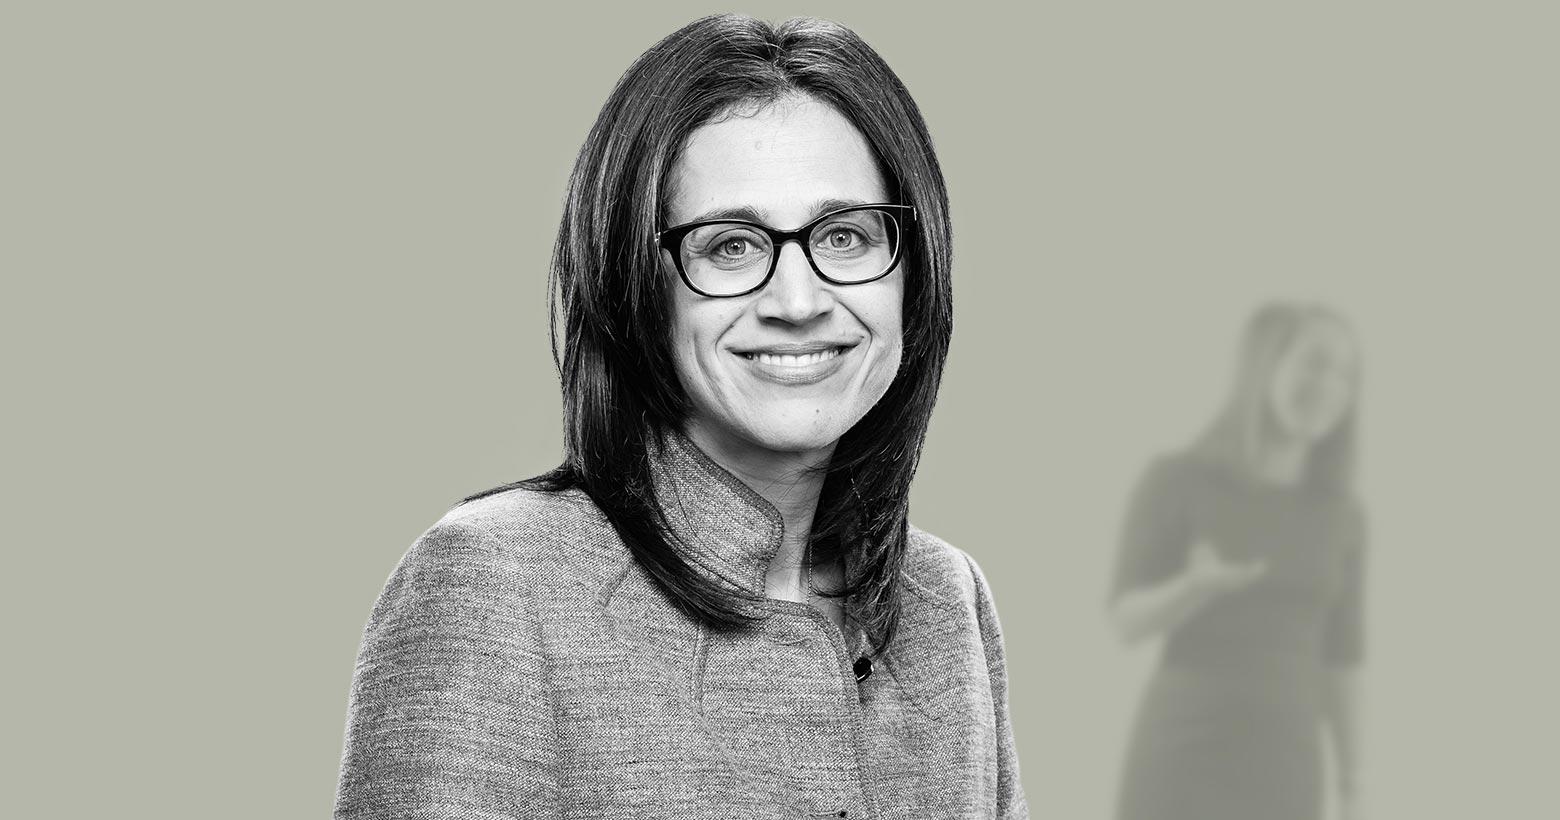 Alison G. Silverman